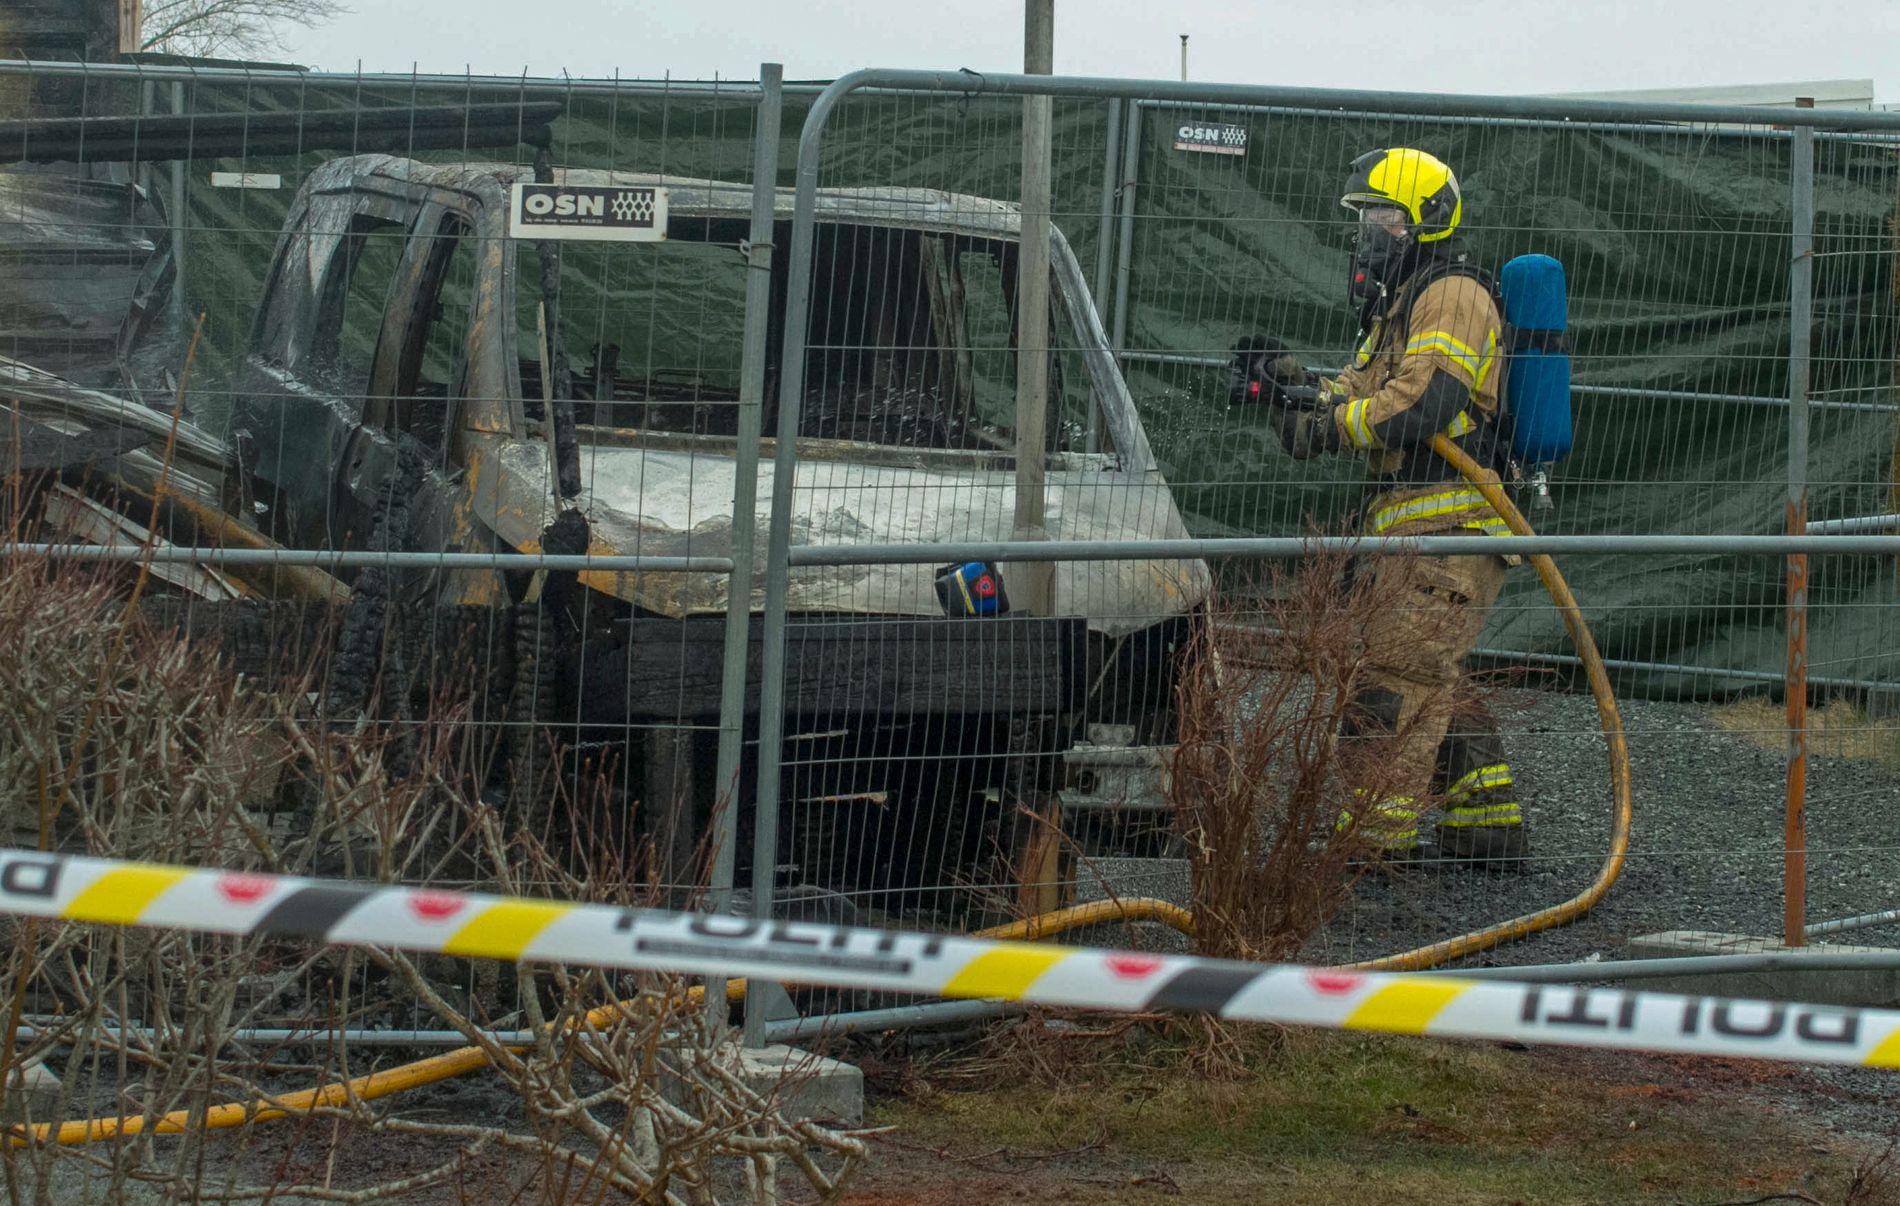 DØDSBRANN: En familie på tre omkom i en campingvognbrann på campingplassen Sokn utenfor Rogaland lørdag. Brannårsaken er foreløpig ikke kjent.